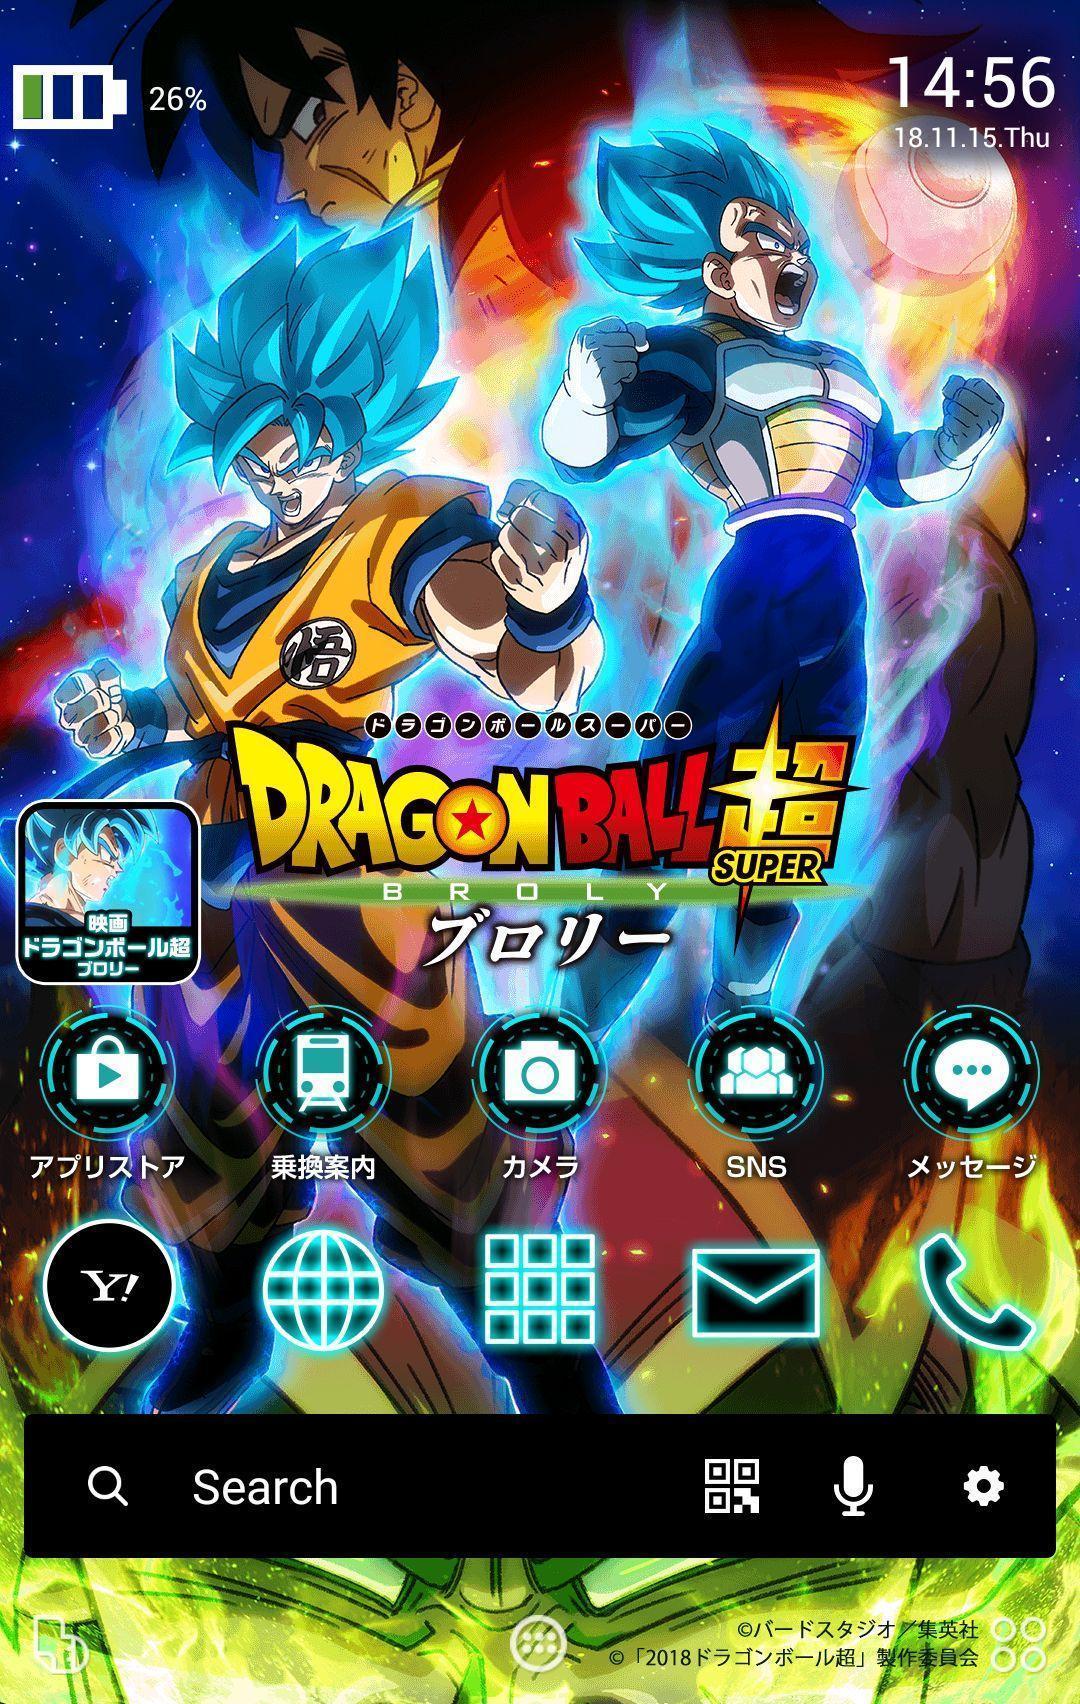 ドラゴンボール超 ブロリー 壁紙きせかえ For Android Apk Download